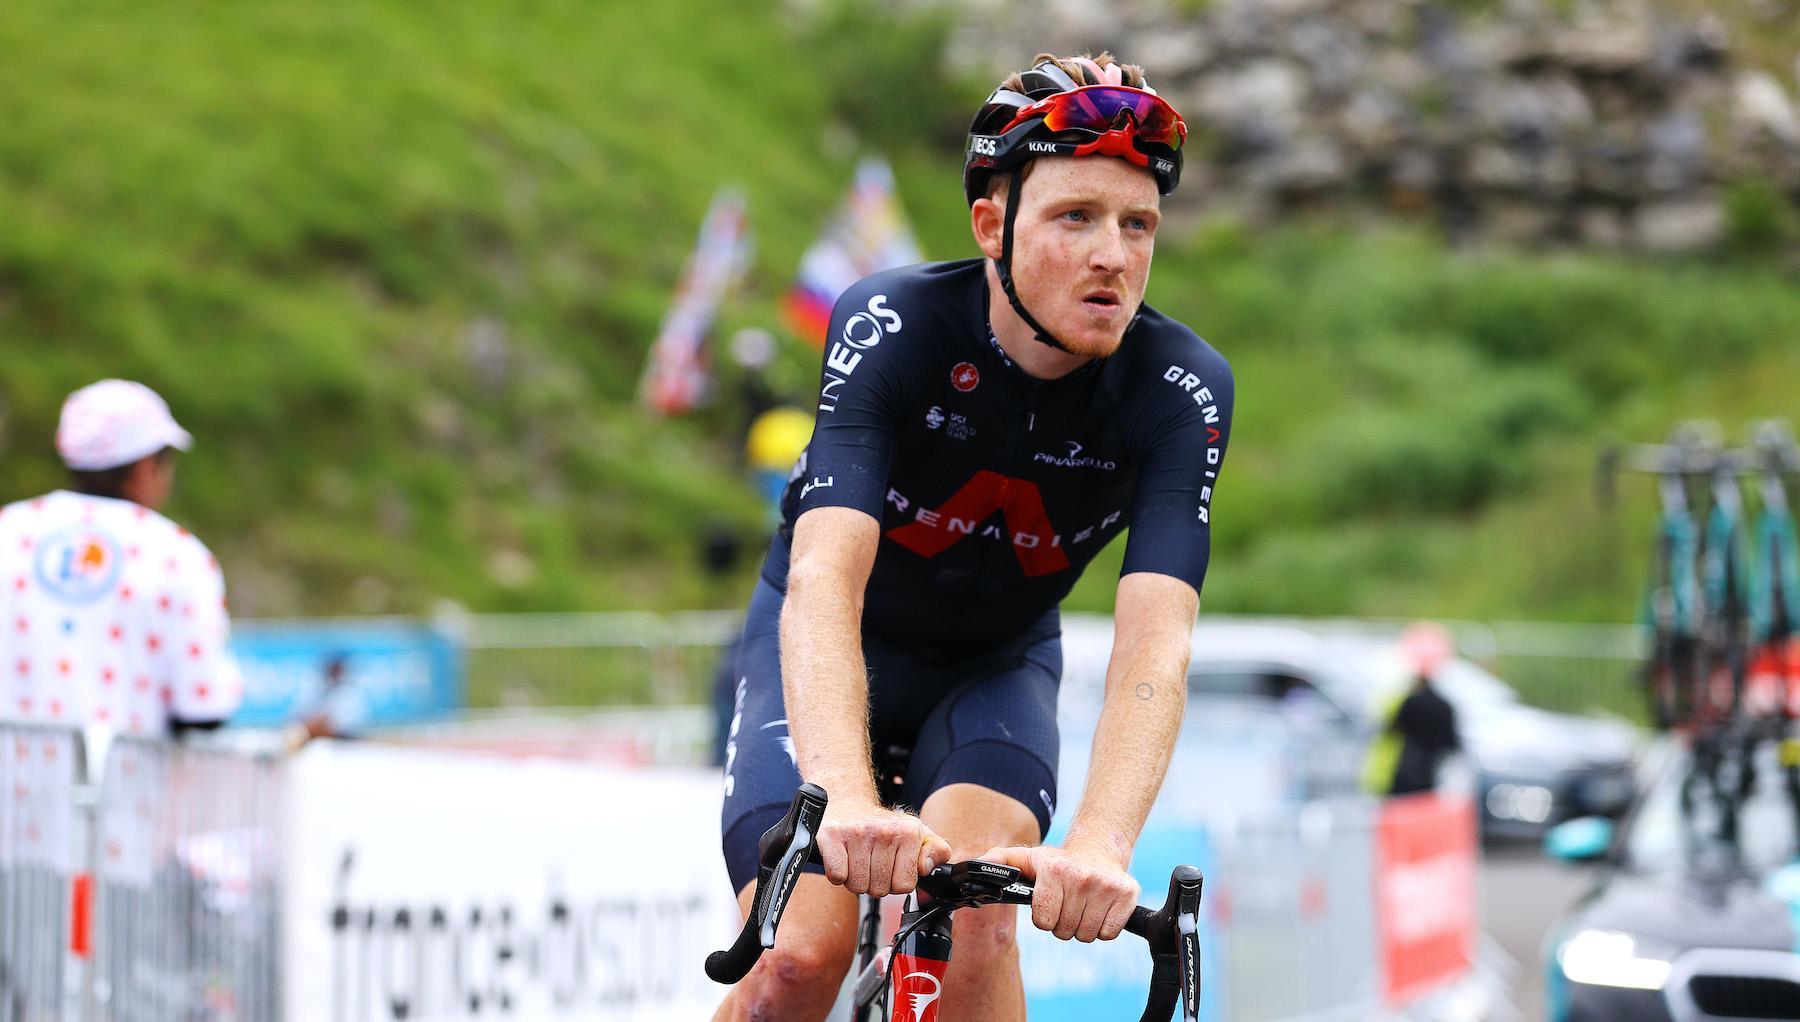 Tao Geoghegan Hart at the Tour de France 2021